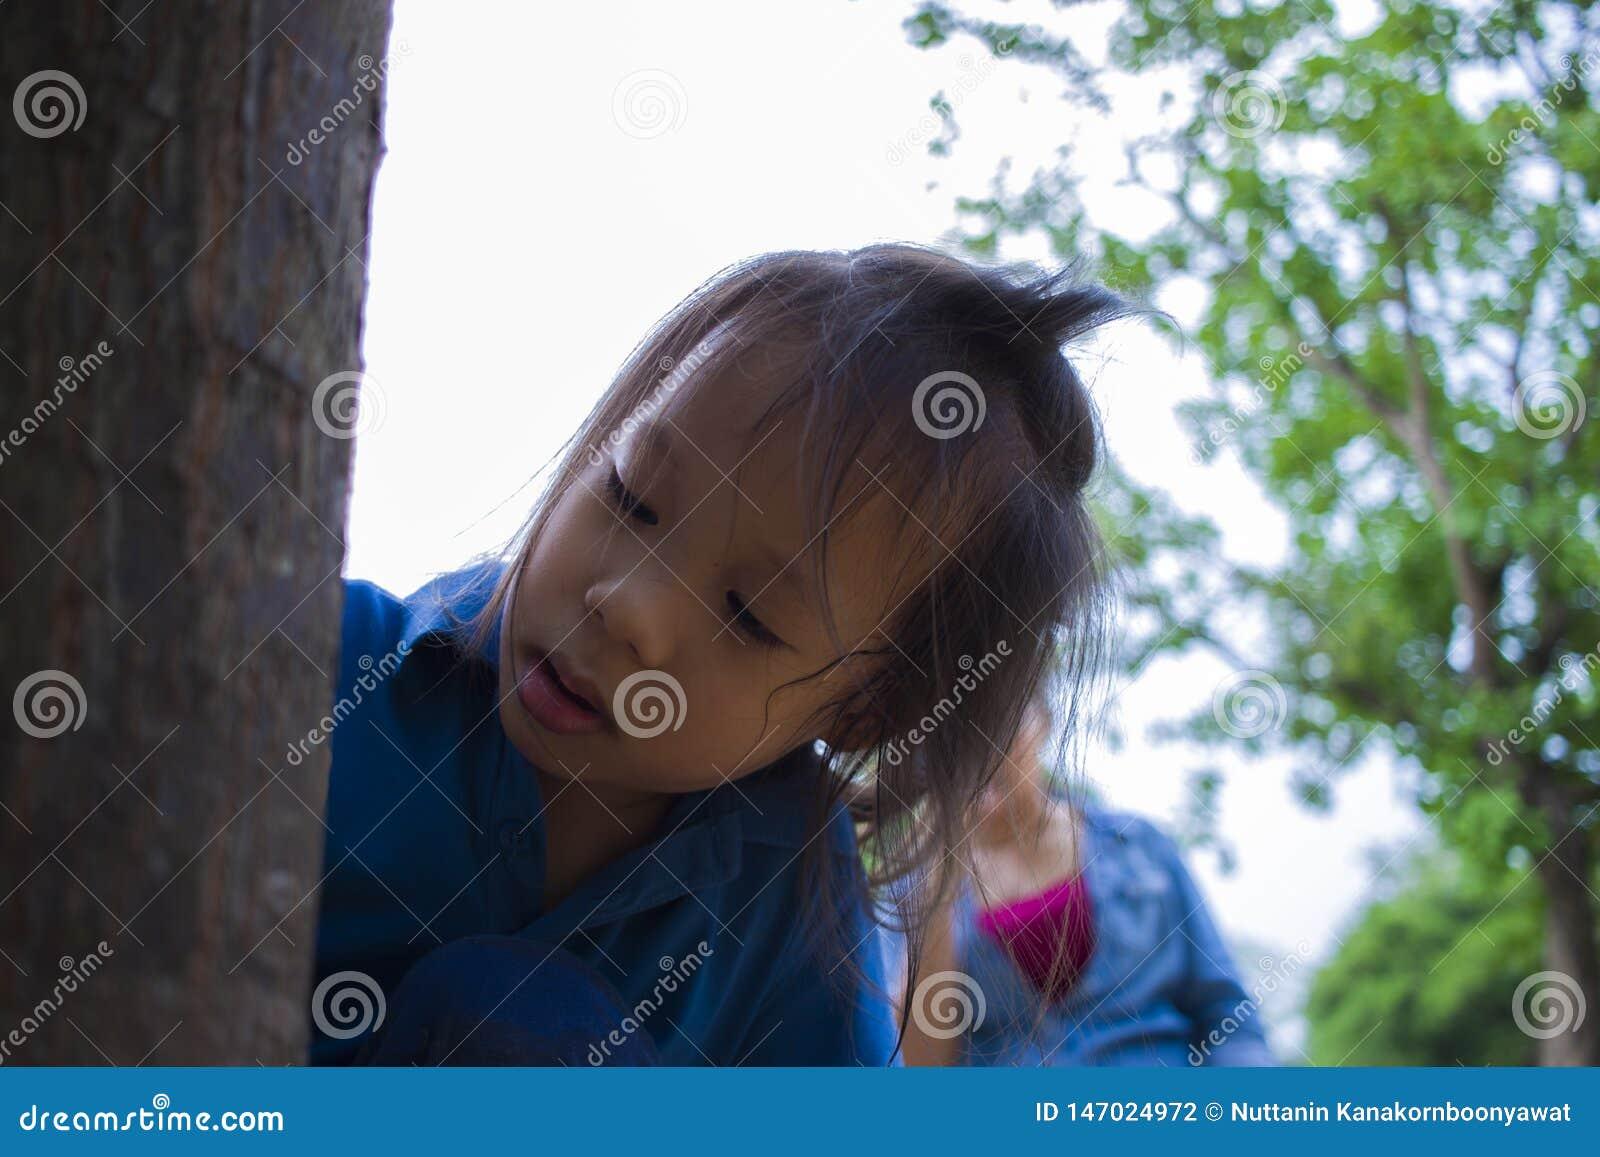 Дети пробуя кормить часть еды к муравью, прекрасный ребенк Азии держа еду и попробовать кормить некоторую еду к муравью Любовь ко